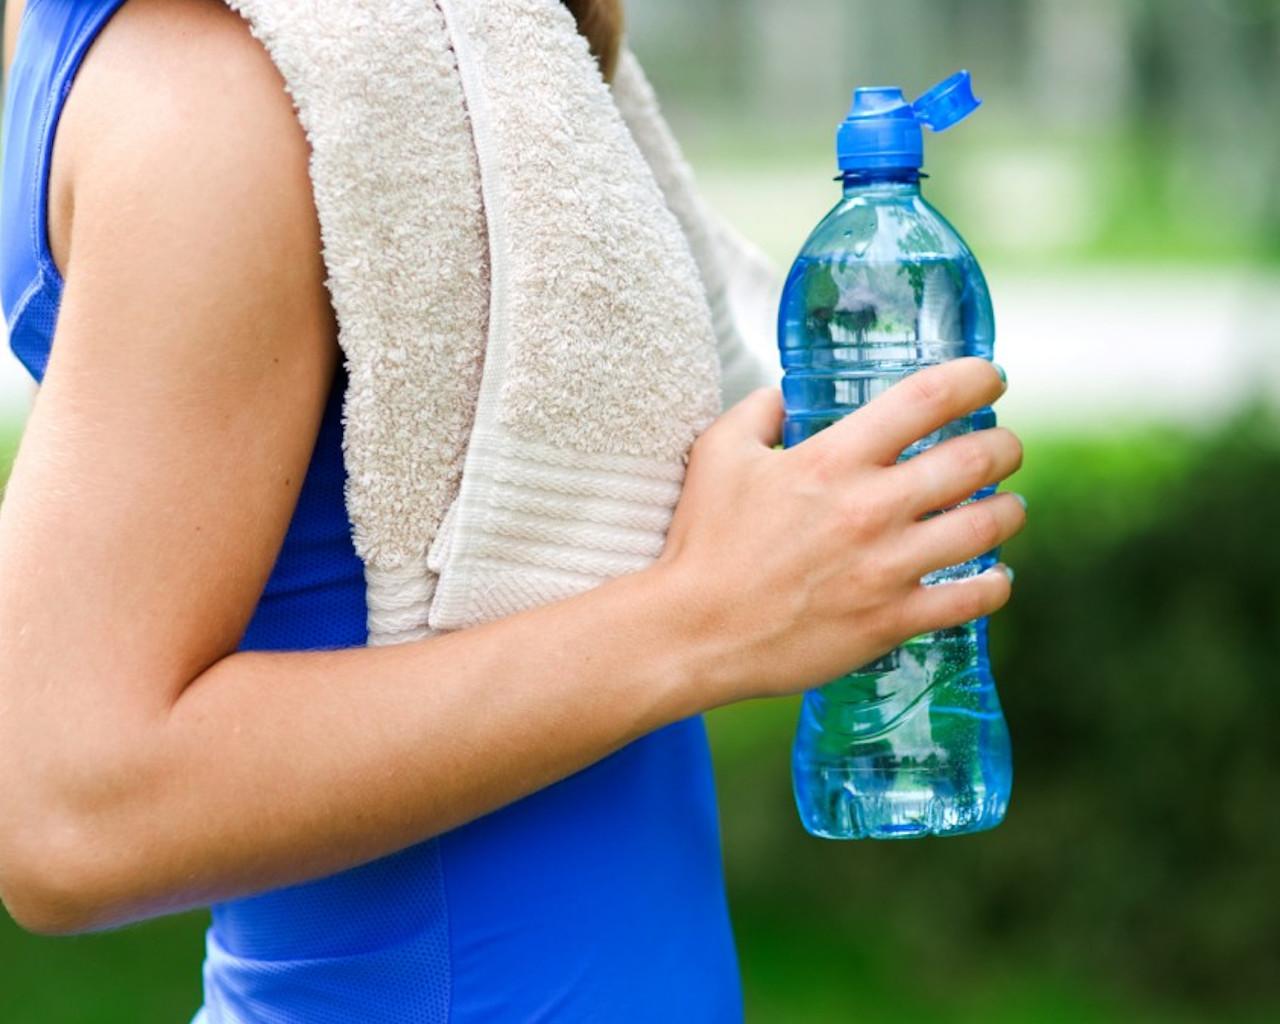 κρυο νερο,κρυο νερο με λεμονι,κρυο νερο και περιοδοσ,κρυο νερο στο προσωπο,κρυο νερο μπανιο,κρυο νερο και διαρροια,κρυο νερο λαιμοσ,κρυο νερο και στομαχι,κρυο νερο στα ποδια